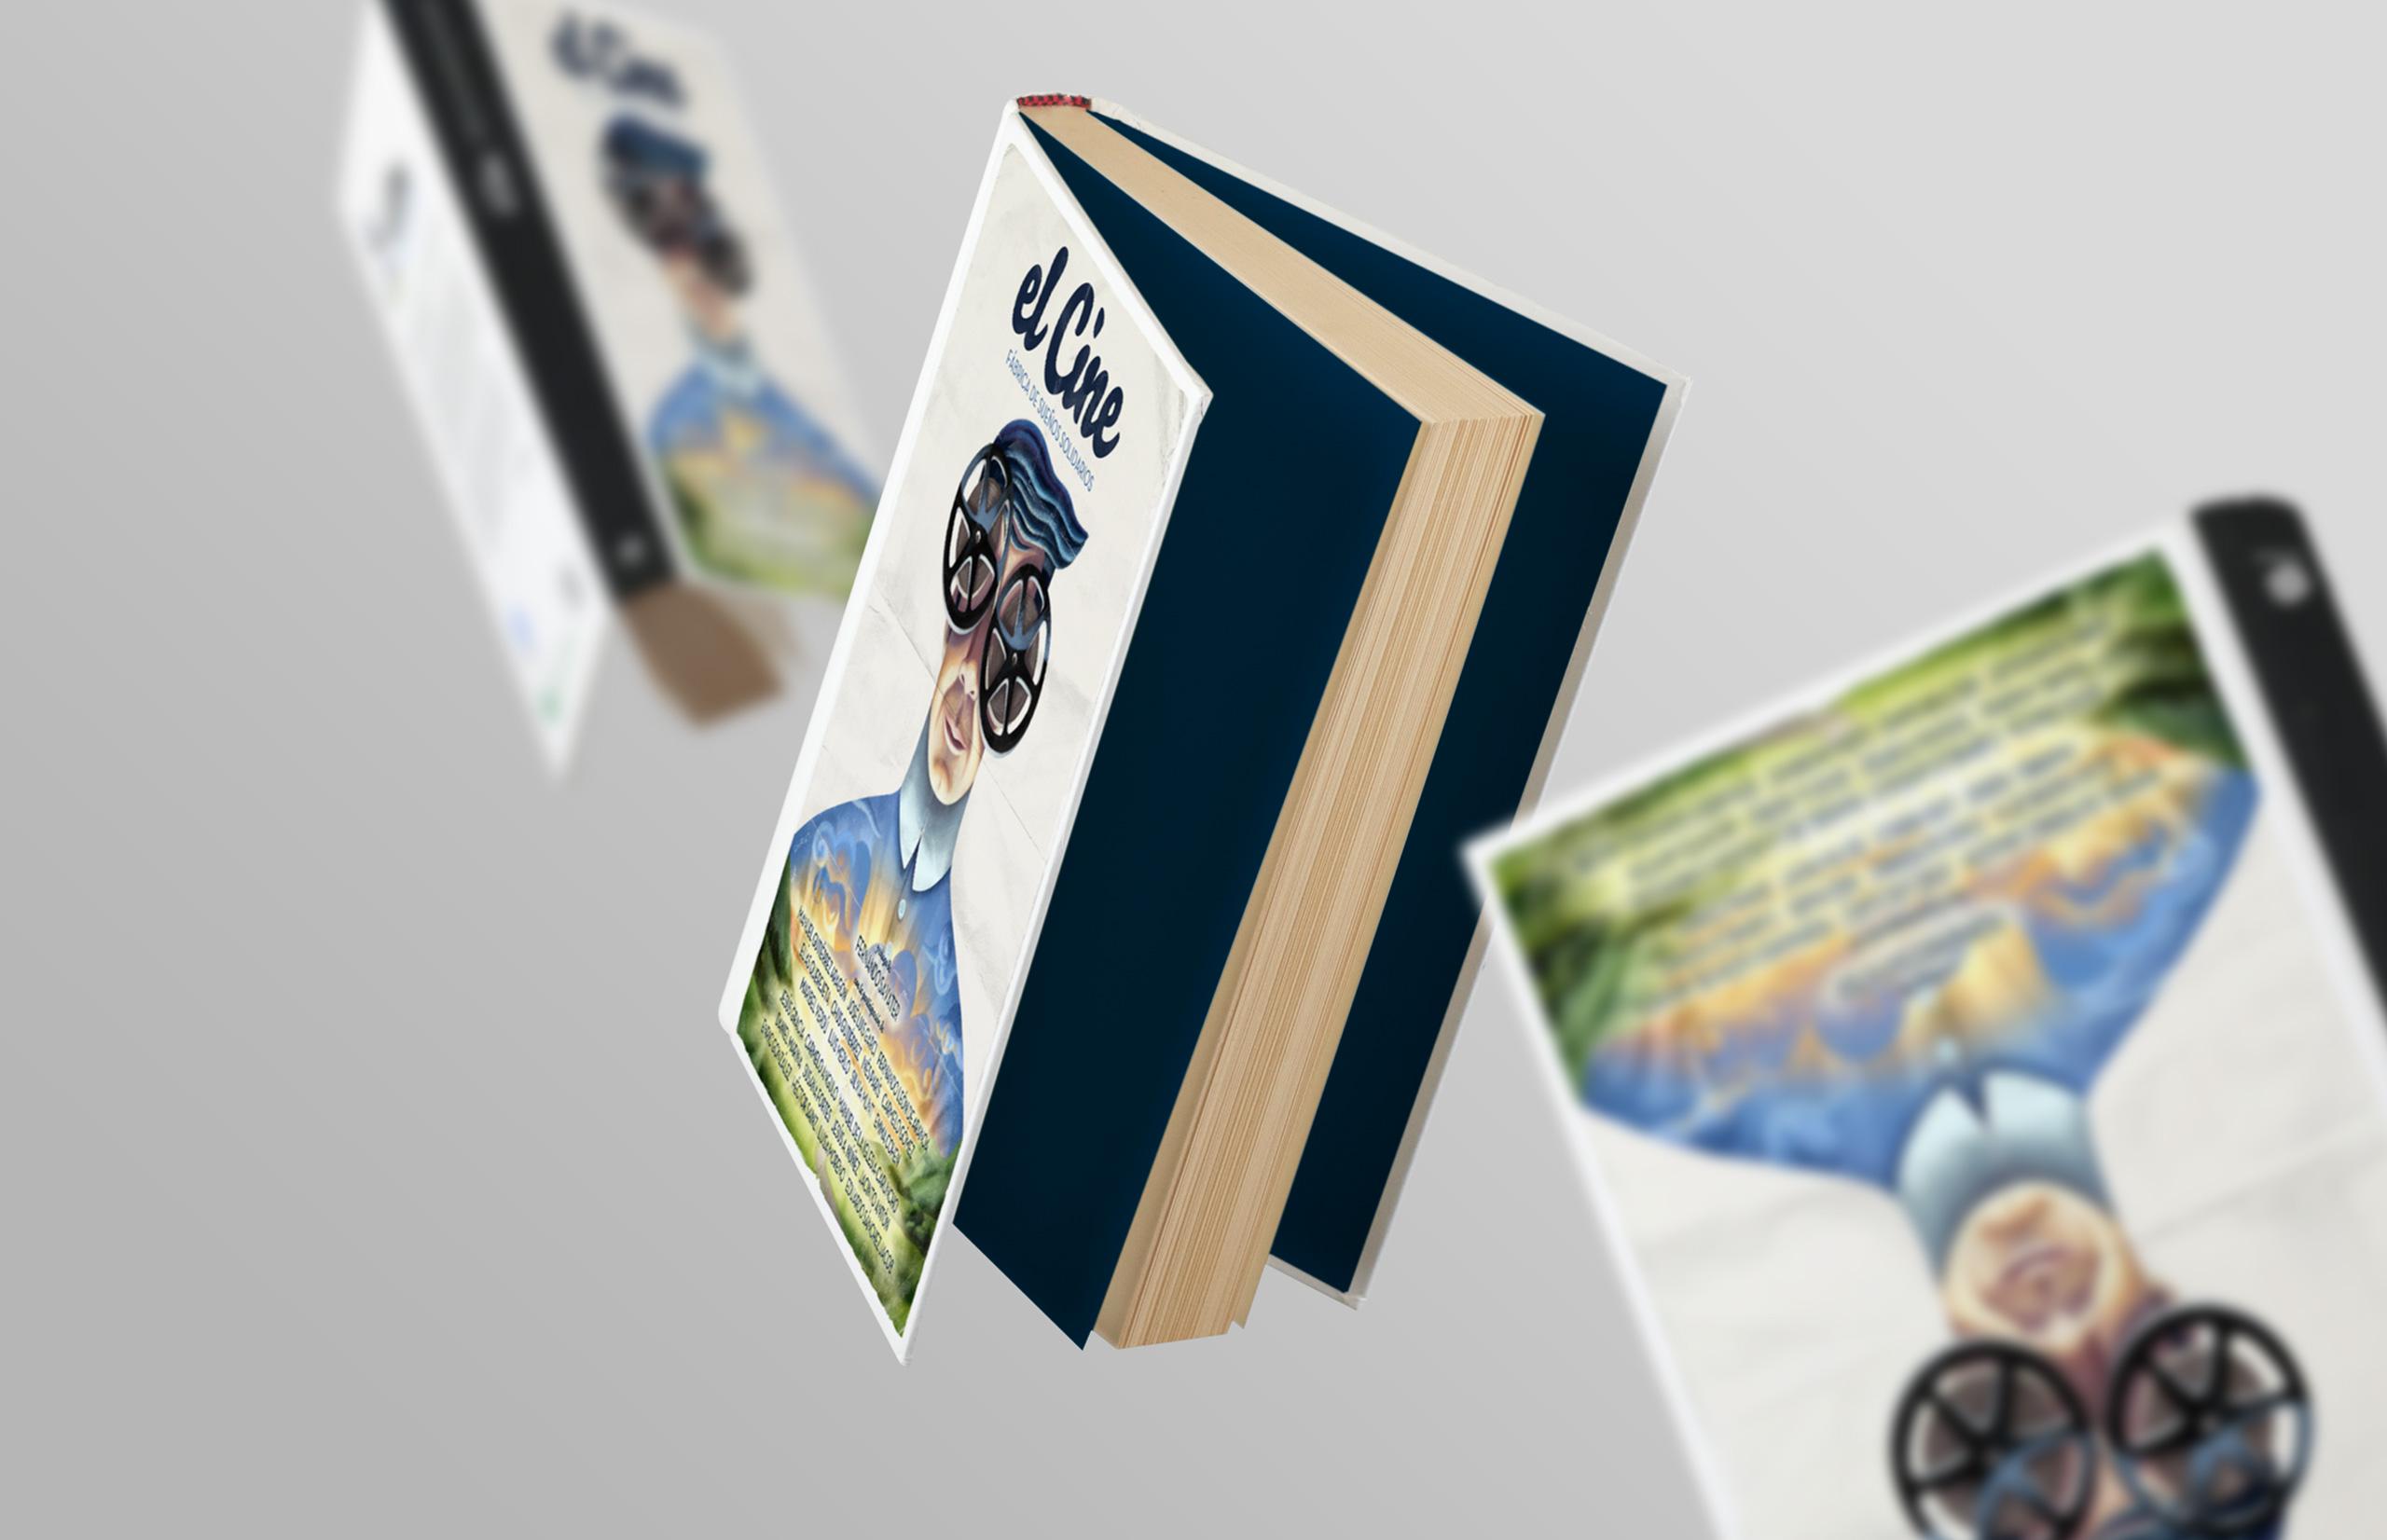 davidderamon-el-cine-books.jpg